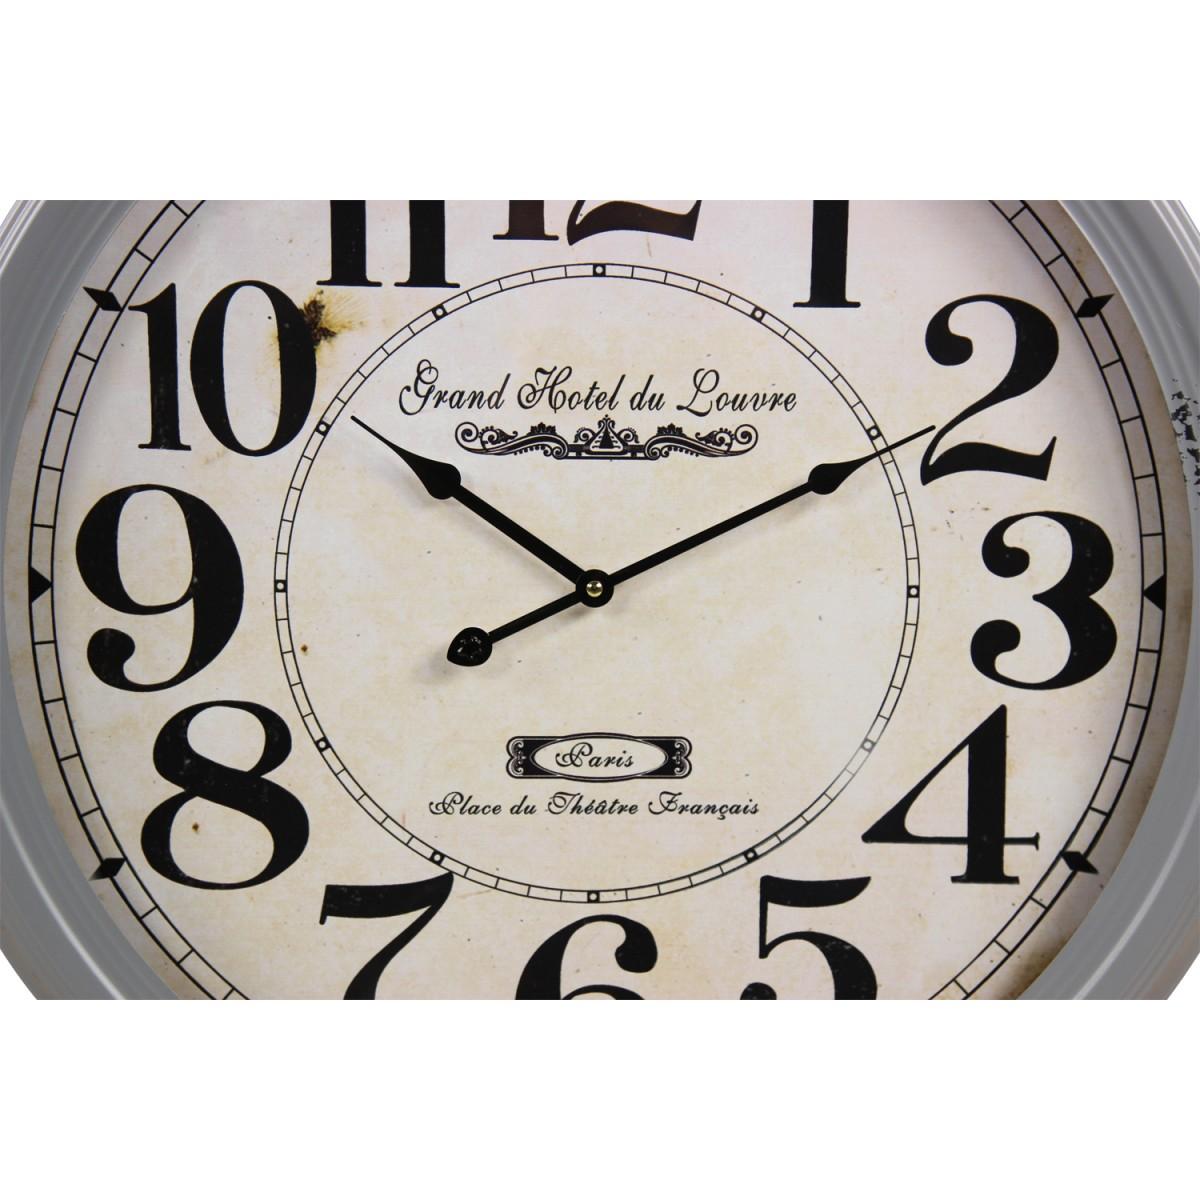 Horloge Ancienne Murale Grand Hôtel du Louvre Métal Gris 62cm